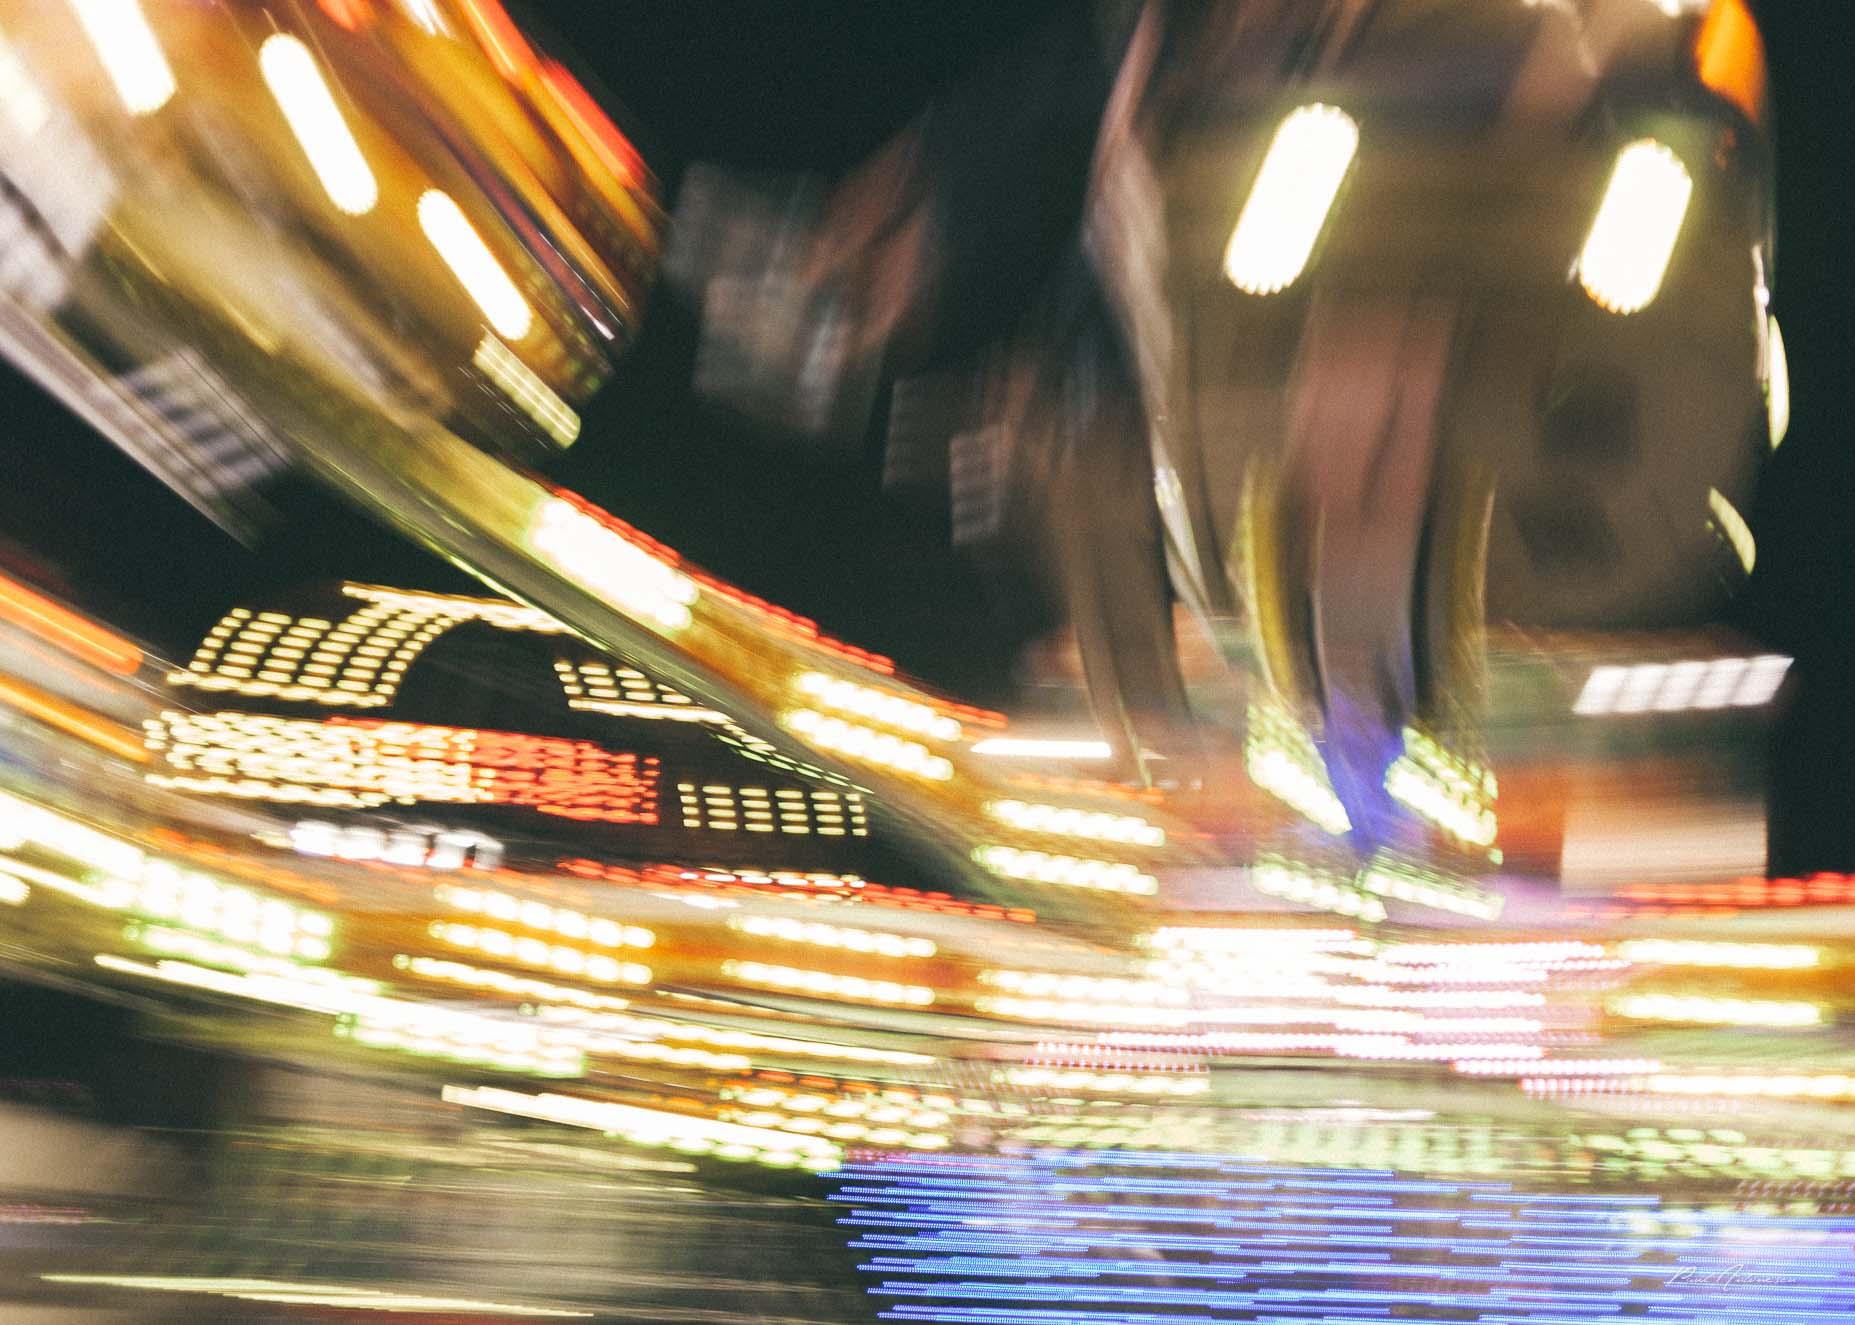 Light trails in the amusement park